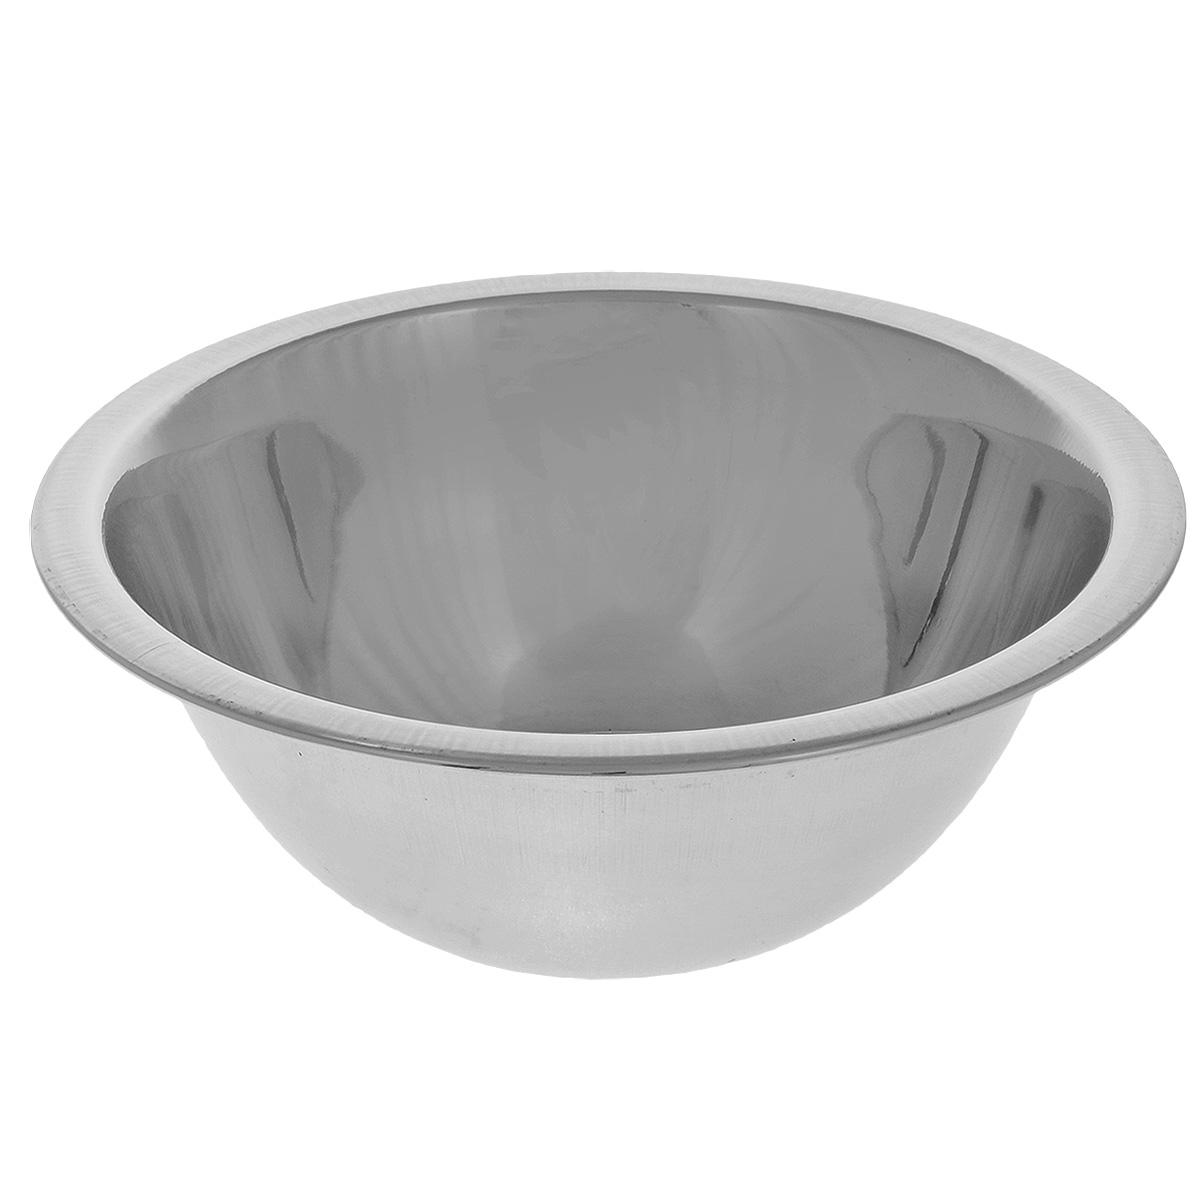 Миска Padia, диаметр 18 см, 750 мл5000-19Миска Padia изготовлена из нержавеющей стали. Удобная посуда прекрасно подойдет для походов и пикников. Прочная, компактная миска легко моется. Отлично подойдет для горячих блюд.Диаметр миски: 17,5 см.Высота миски: 5,5 см.Объем: 750 мл.